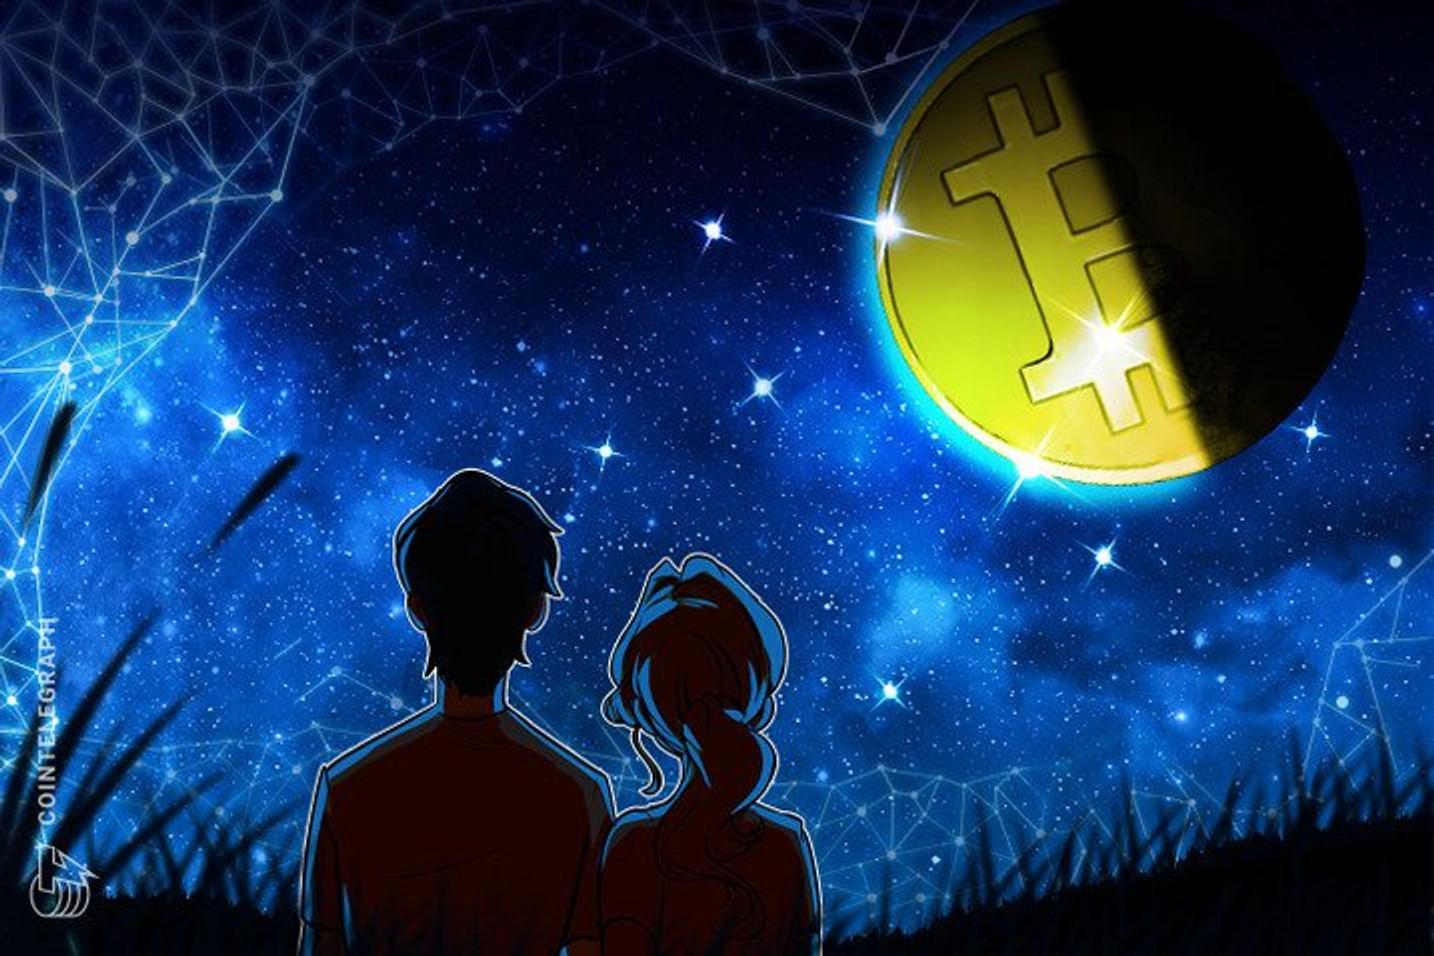 Bitcoin precisa quebrar 'resistência monstro' em US$ 10.500 para iniciar rali a US$ 14 mil, diz analista